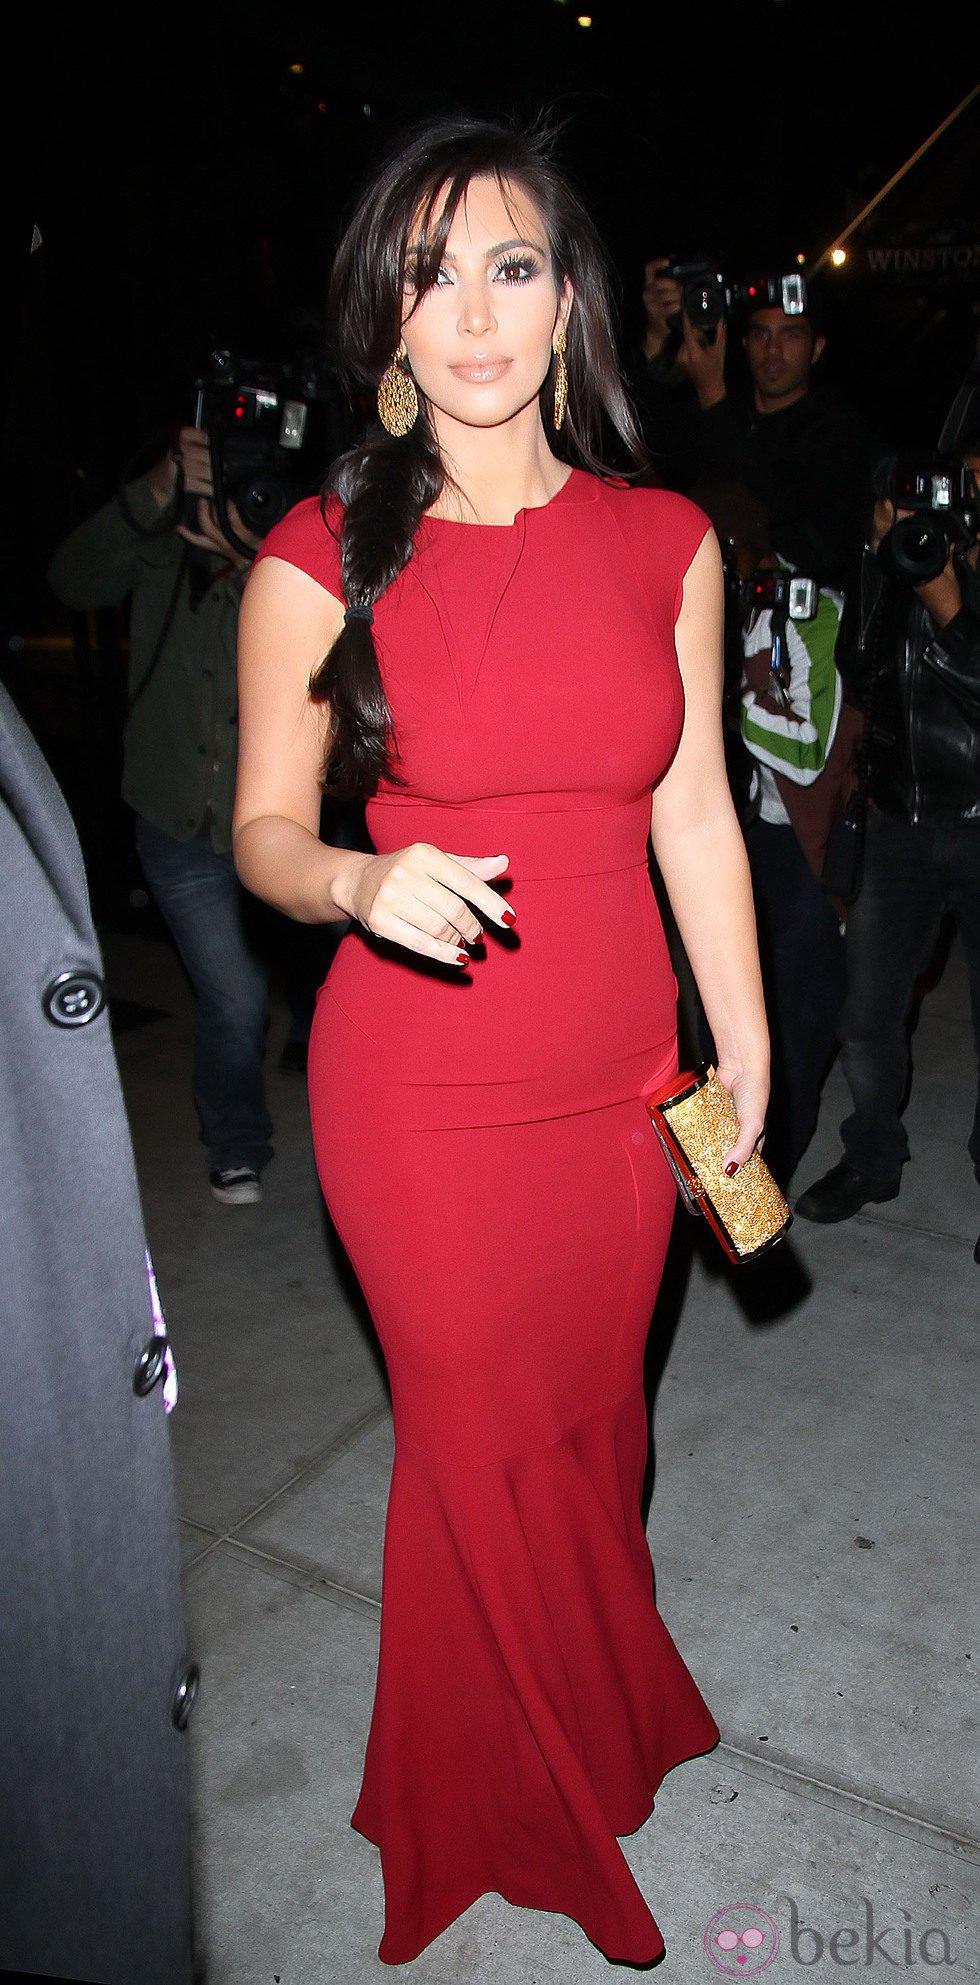 Kim Kardashian, de rojo, con un look muy ceñido